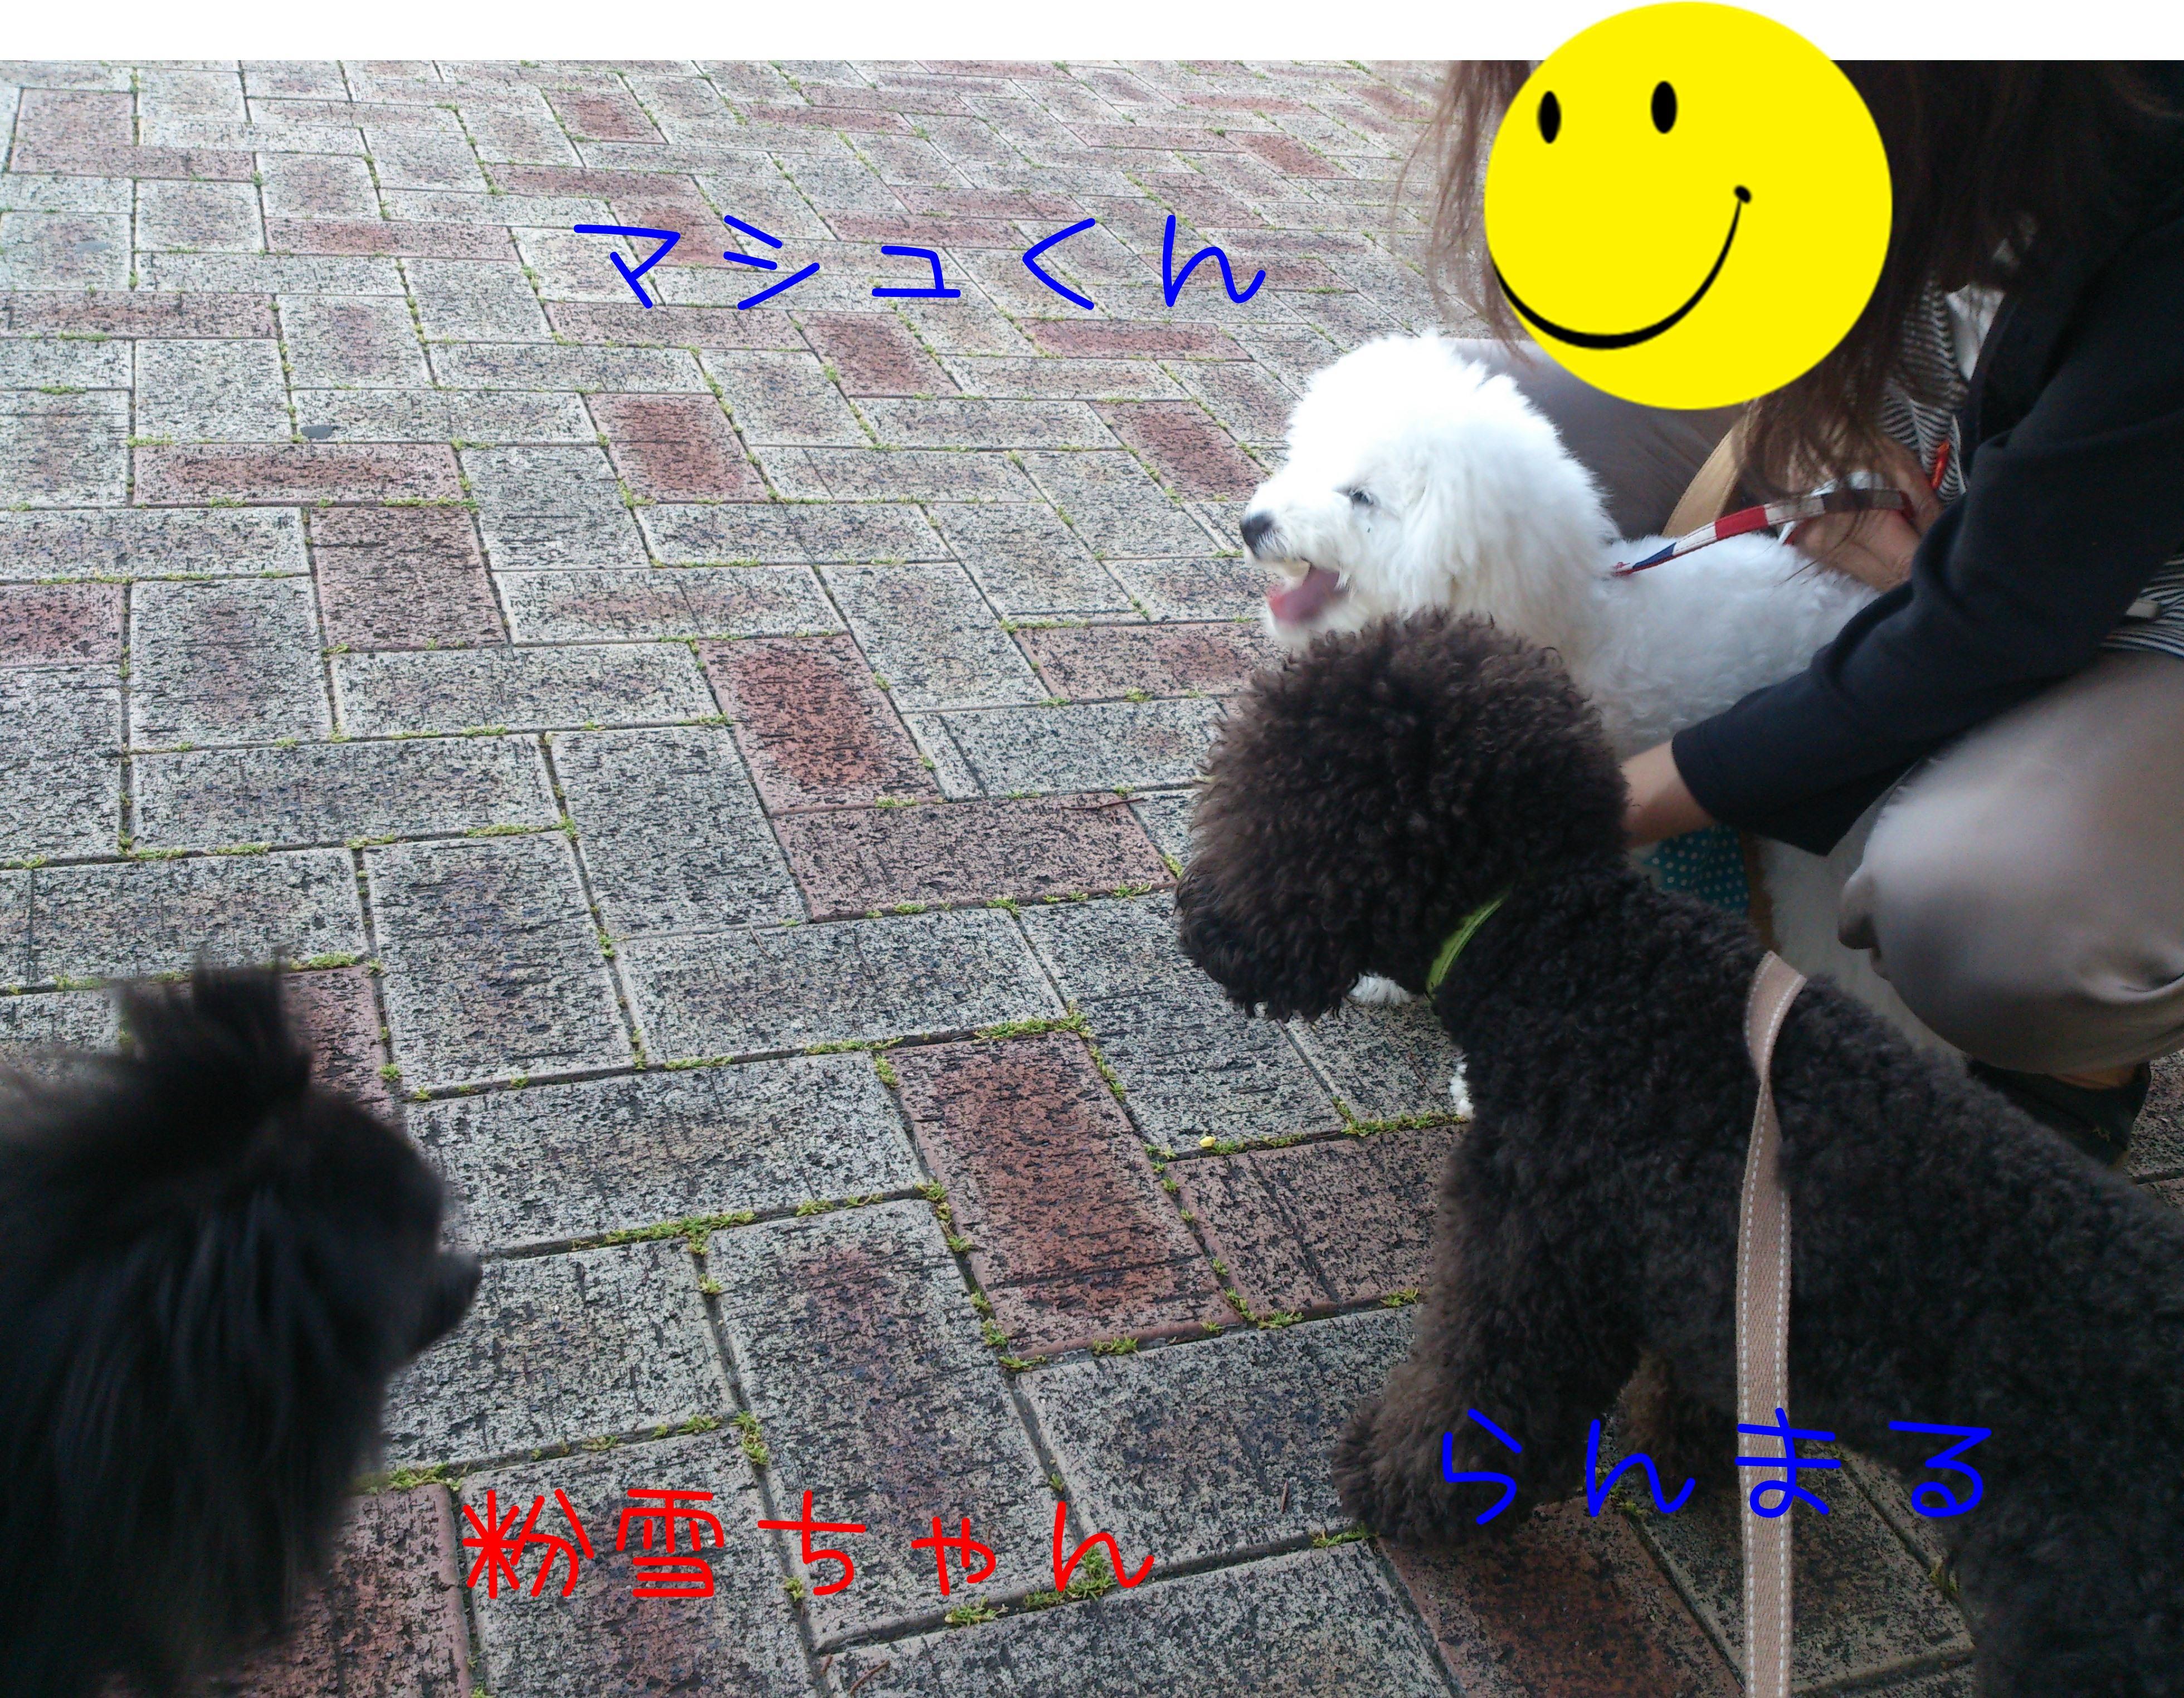 DSC_0591_convert_20140529141829.jpg